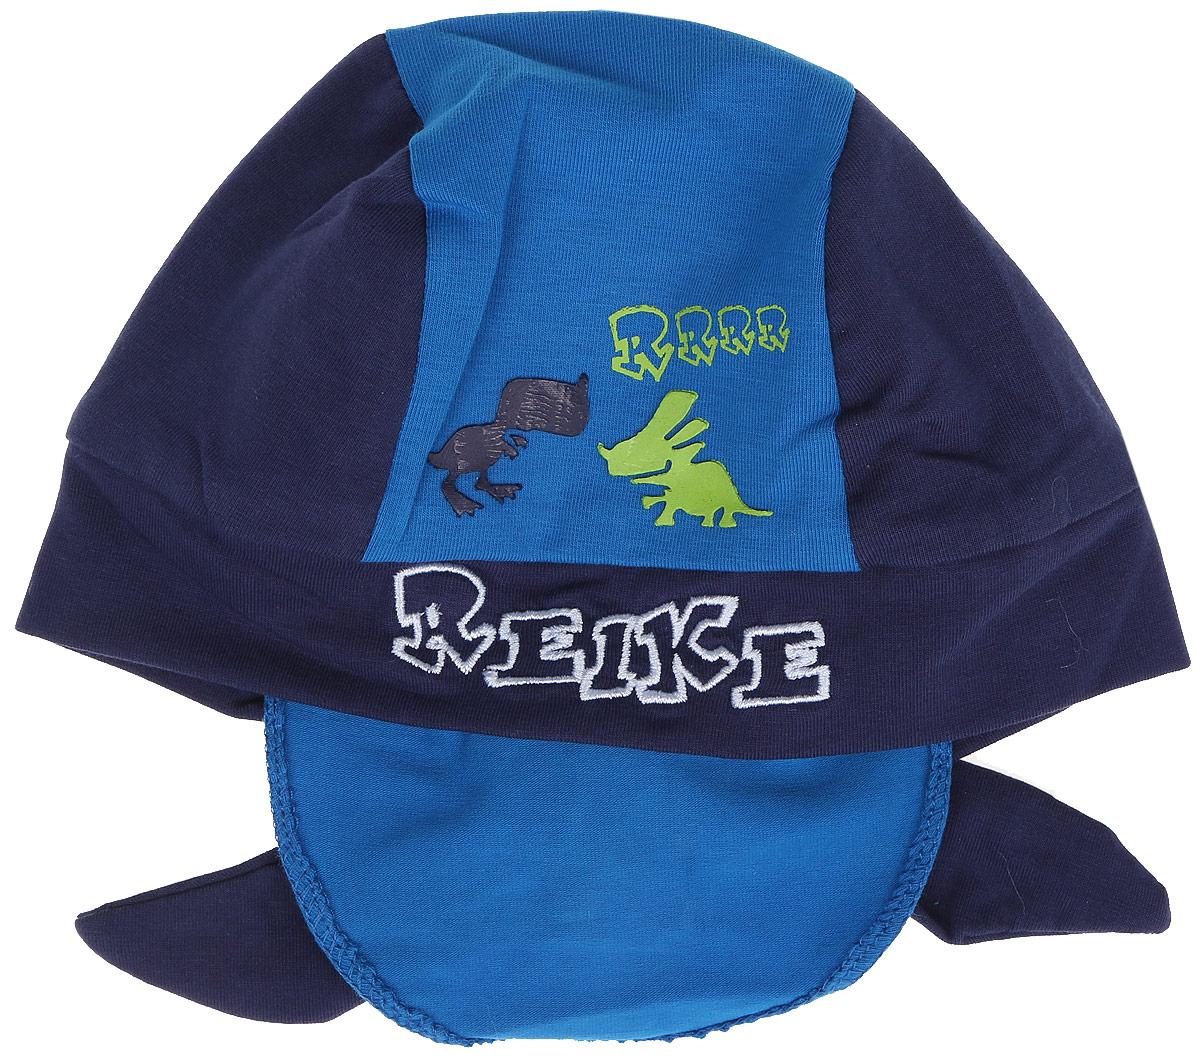 Бандана для мальчика Reike Динозаврики, цвет: синий. RKNSS17-DIN8. Размер 48RKNSS17-DIN8_navyБандана для мальчика Reike Динозаврики, изготовленная из натурального хлопка, станет стильным аксессуаром во время прогулок и игр на свежем воздухе, защищая голову малыша от солнца и ветра. Бандана оформлена принтом в стиле серии и вышитой надписью с названием бренда и фиксируется на голове широкими завязками.Уважаемые клиенты!Размер, доступный для заказа, является обхватом головы.